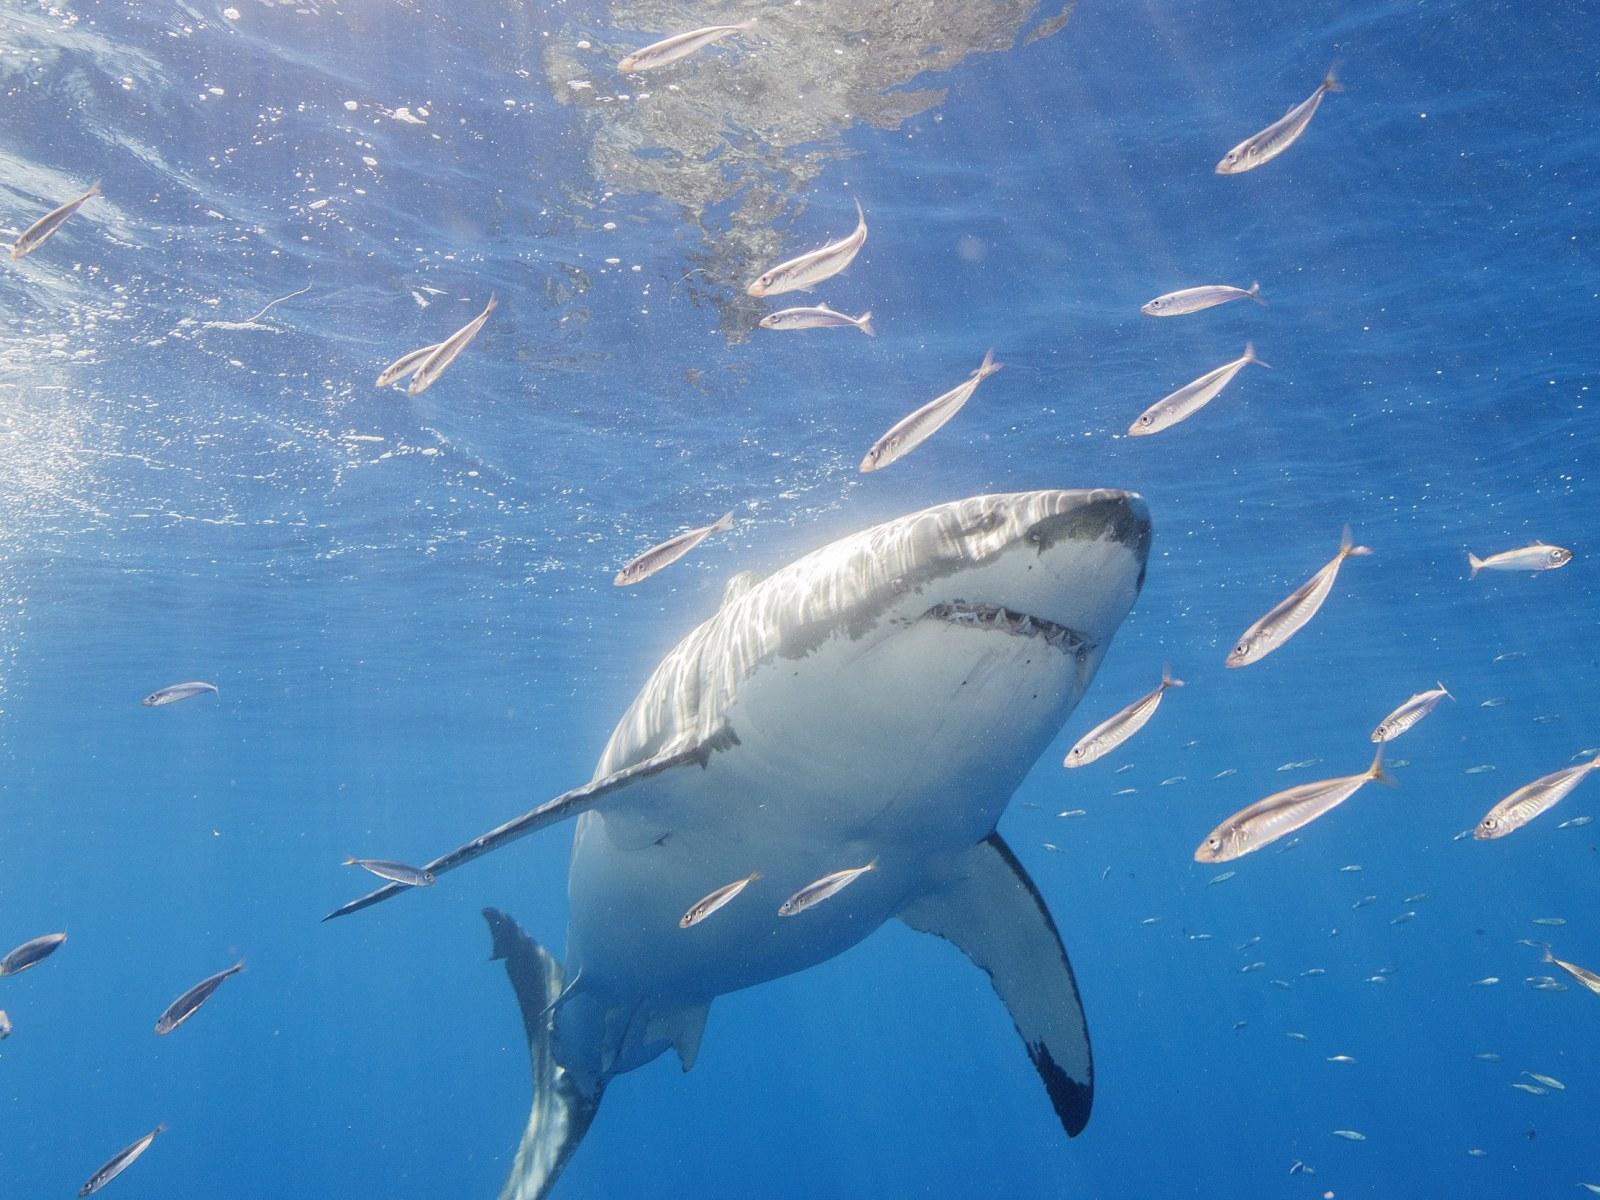 Shark Wallpaper Uk - Wallpaper Collection